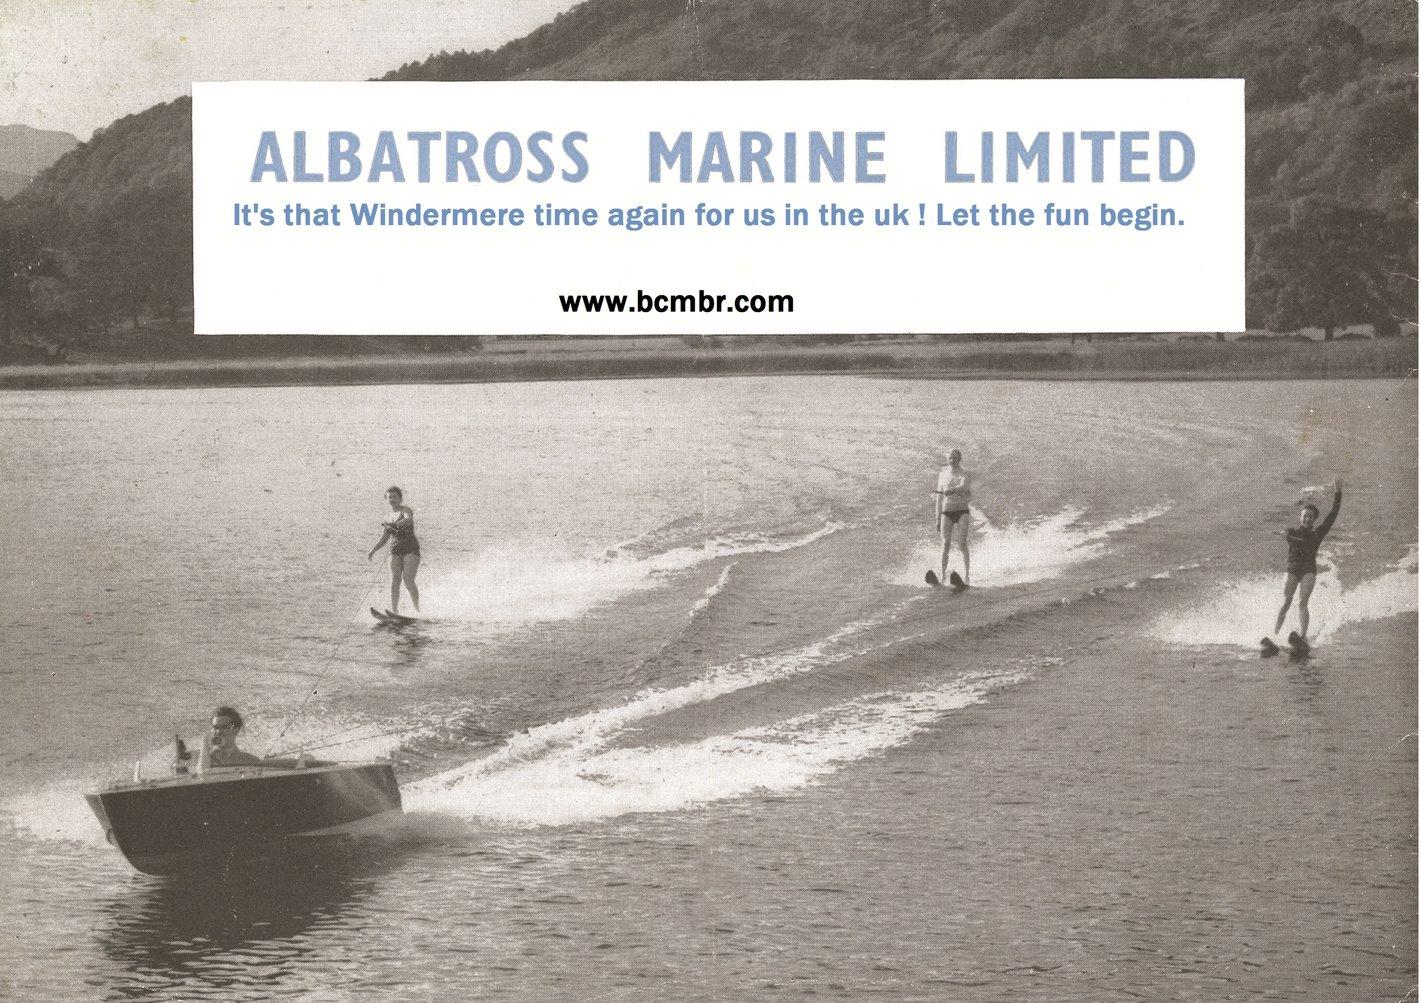 albatross windermere